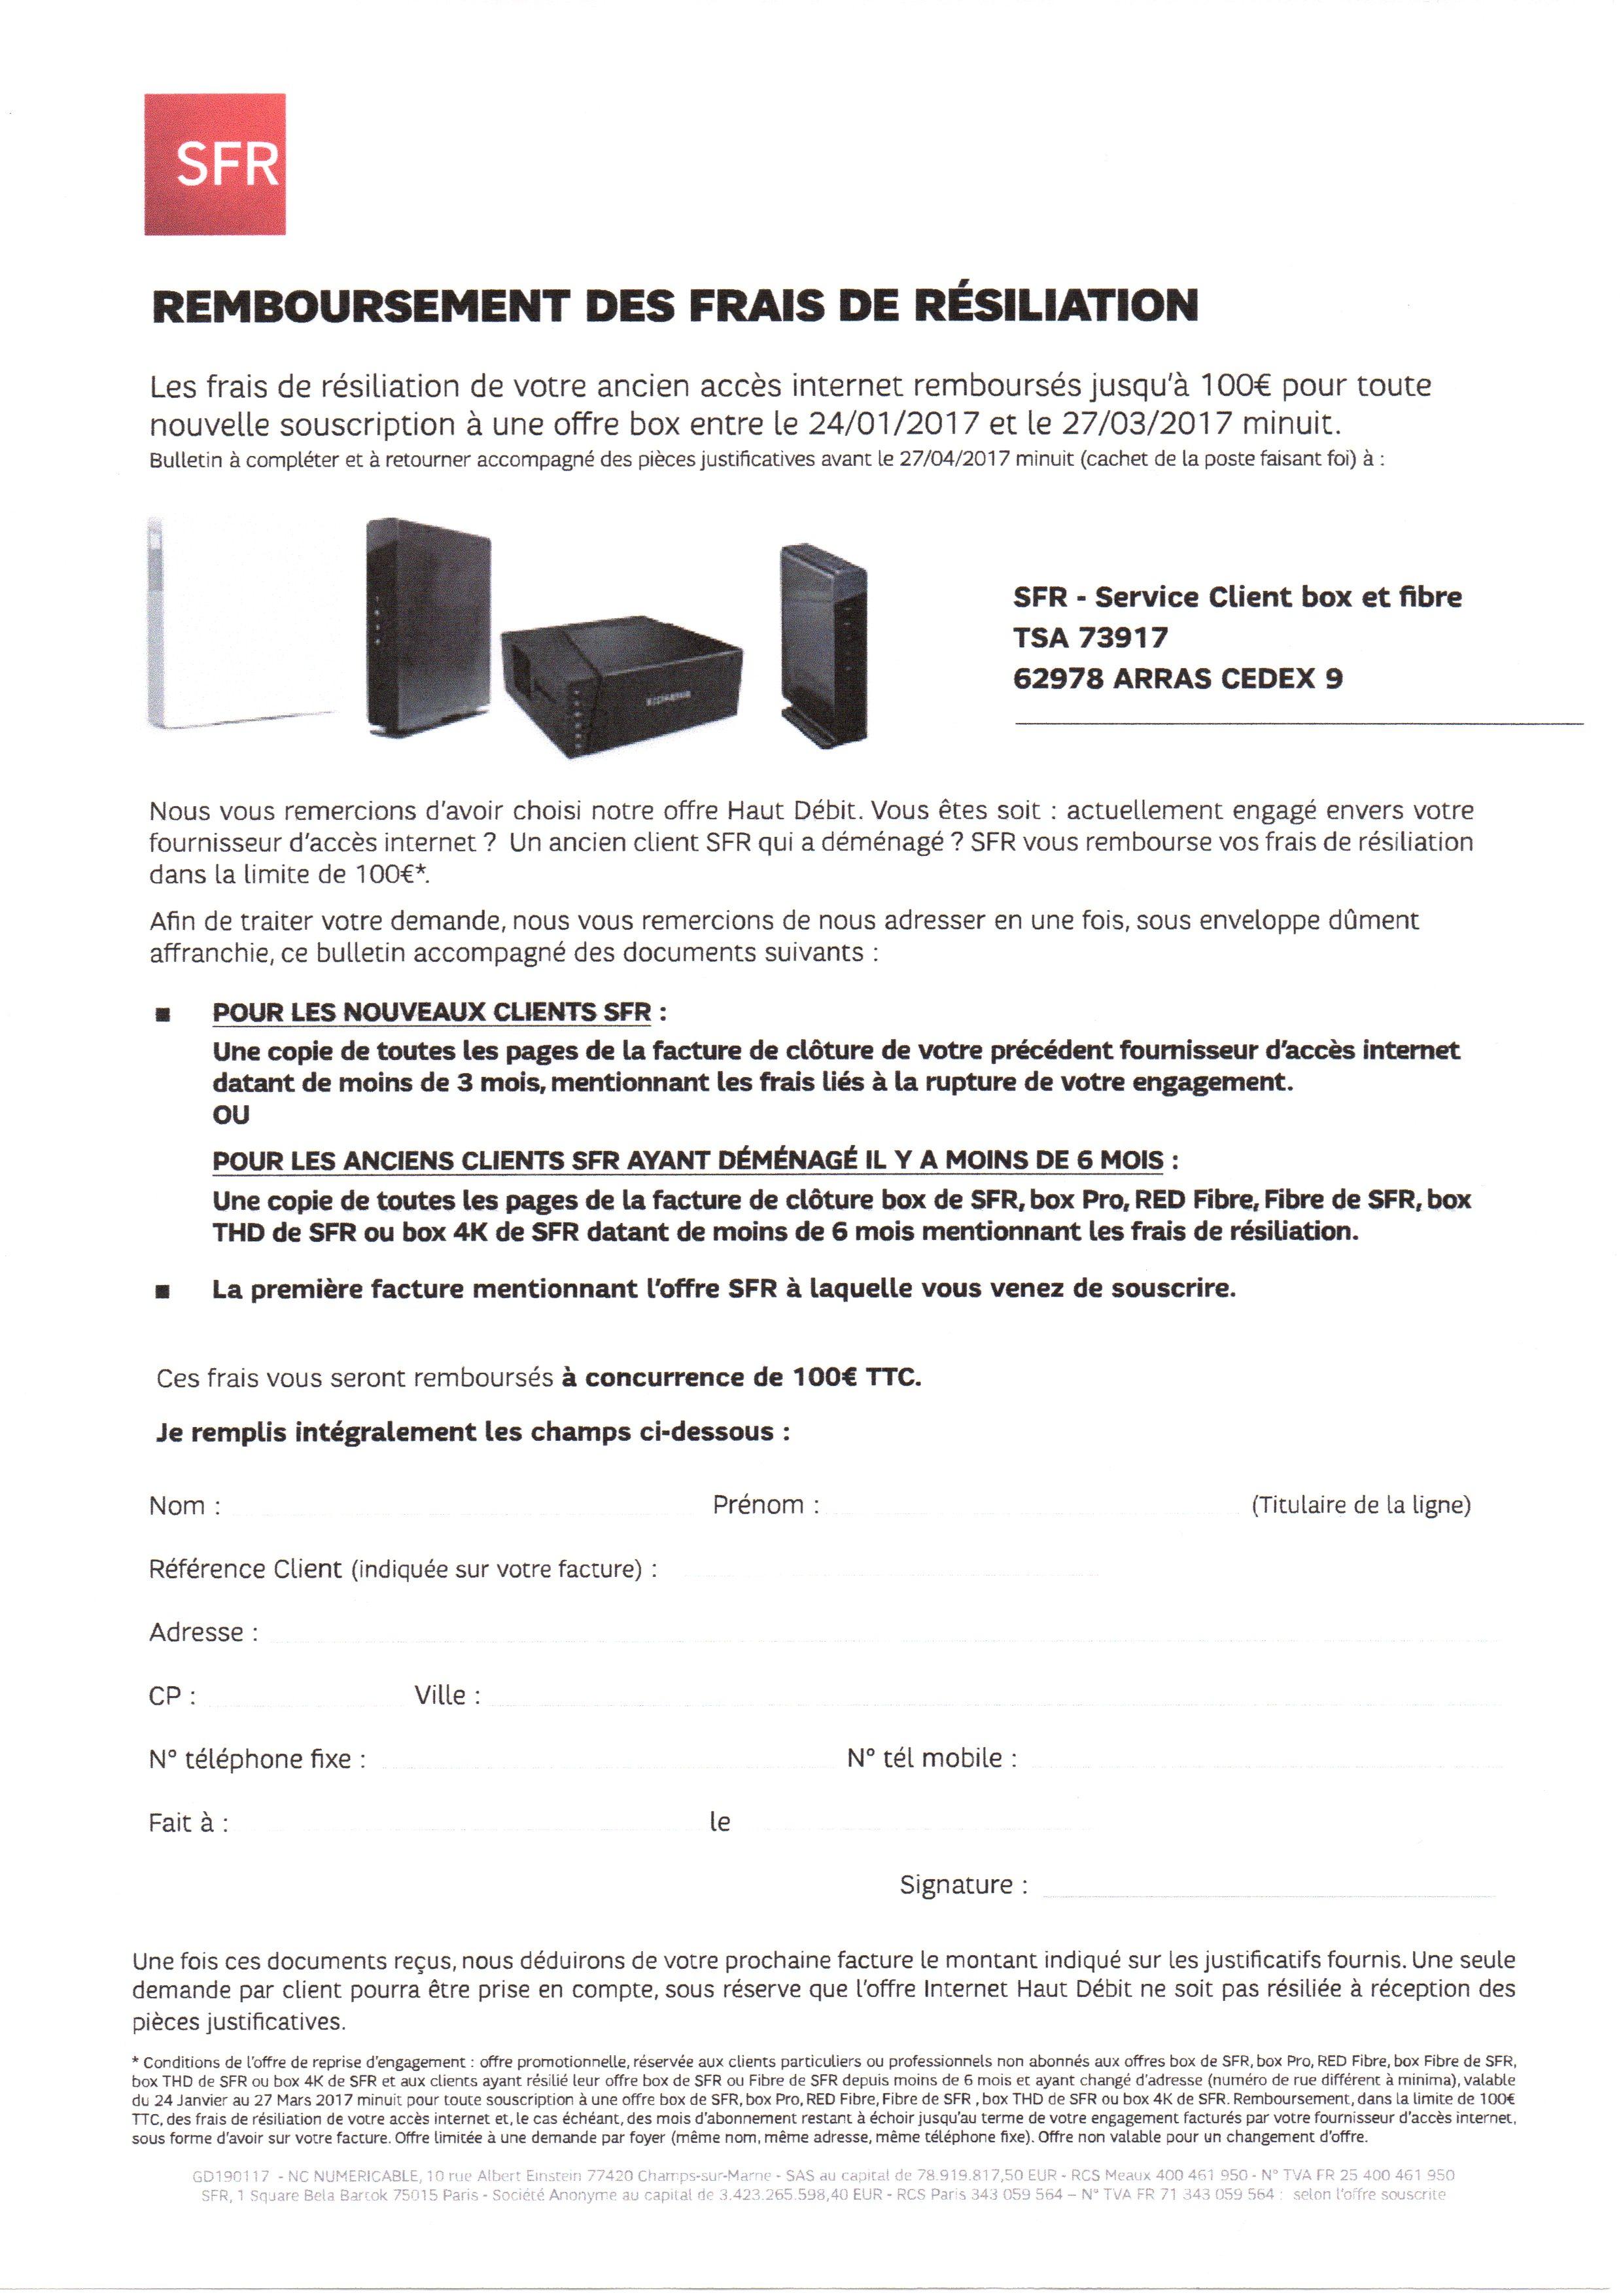 formulaire remboursement frais r siliation jusqu 39 a le forum sfr 1896854. Black Bedroom Furniture Sets. Home Design Ideas